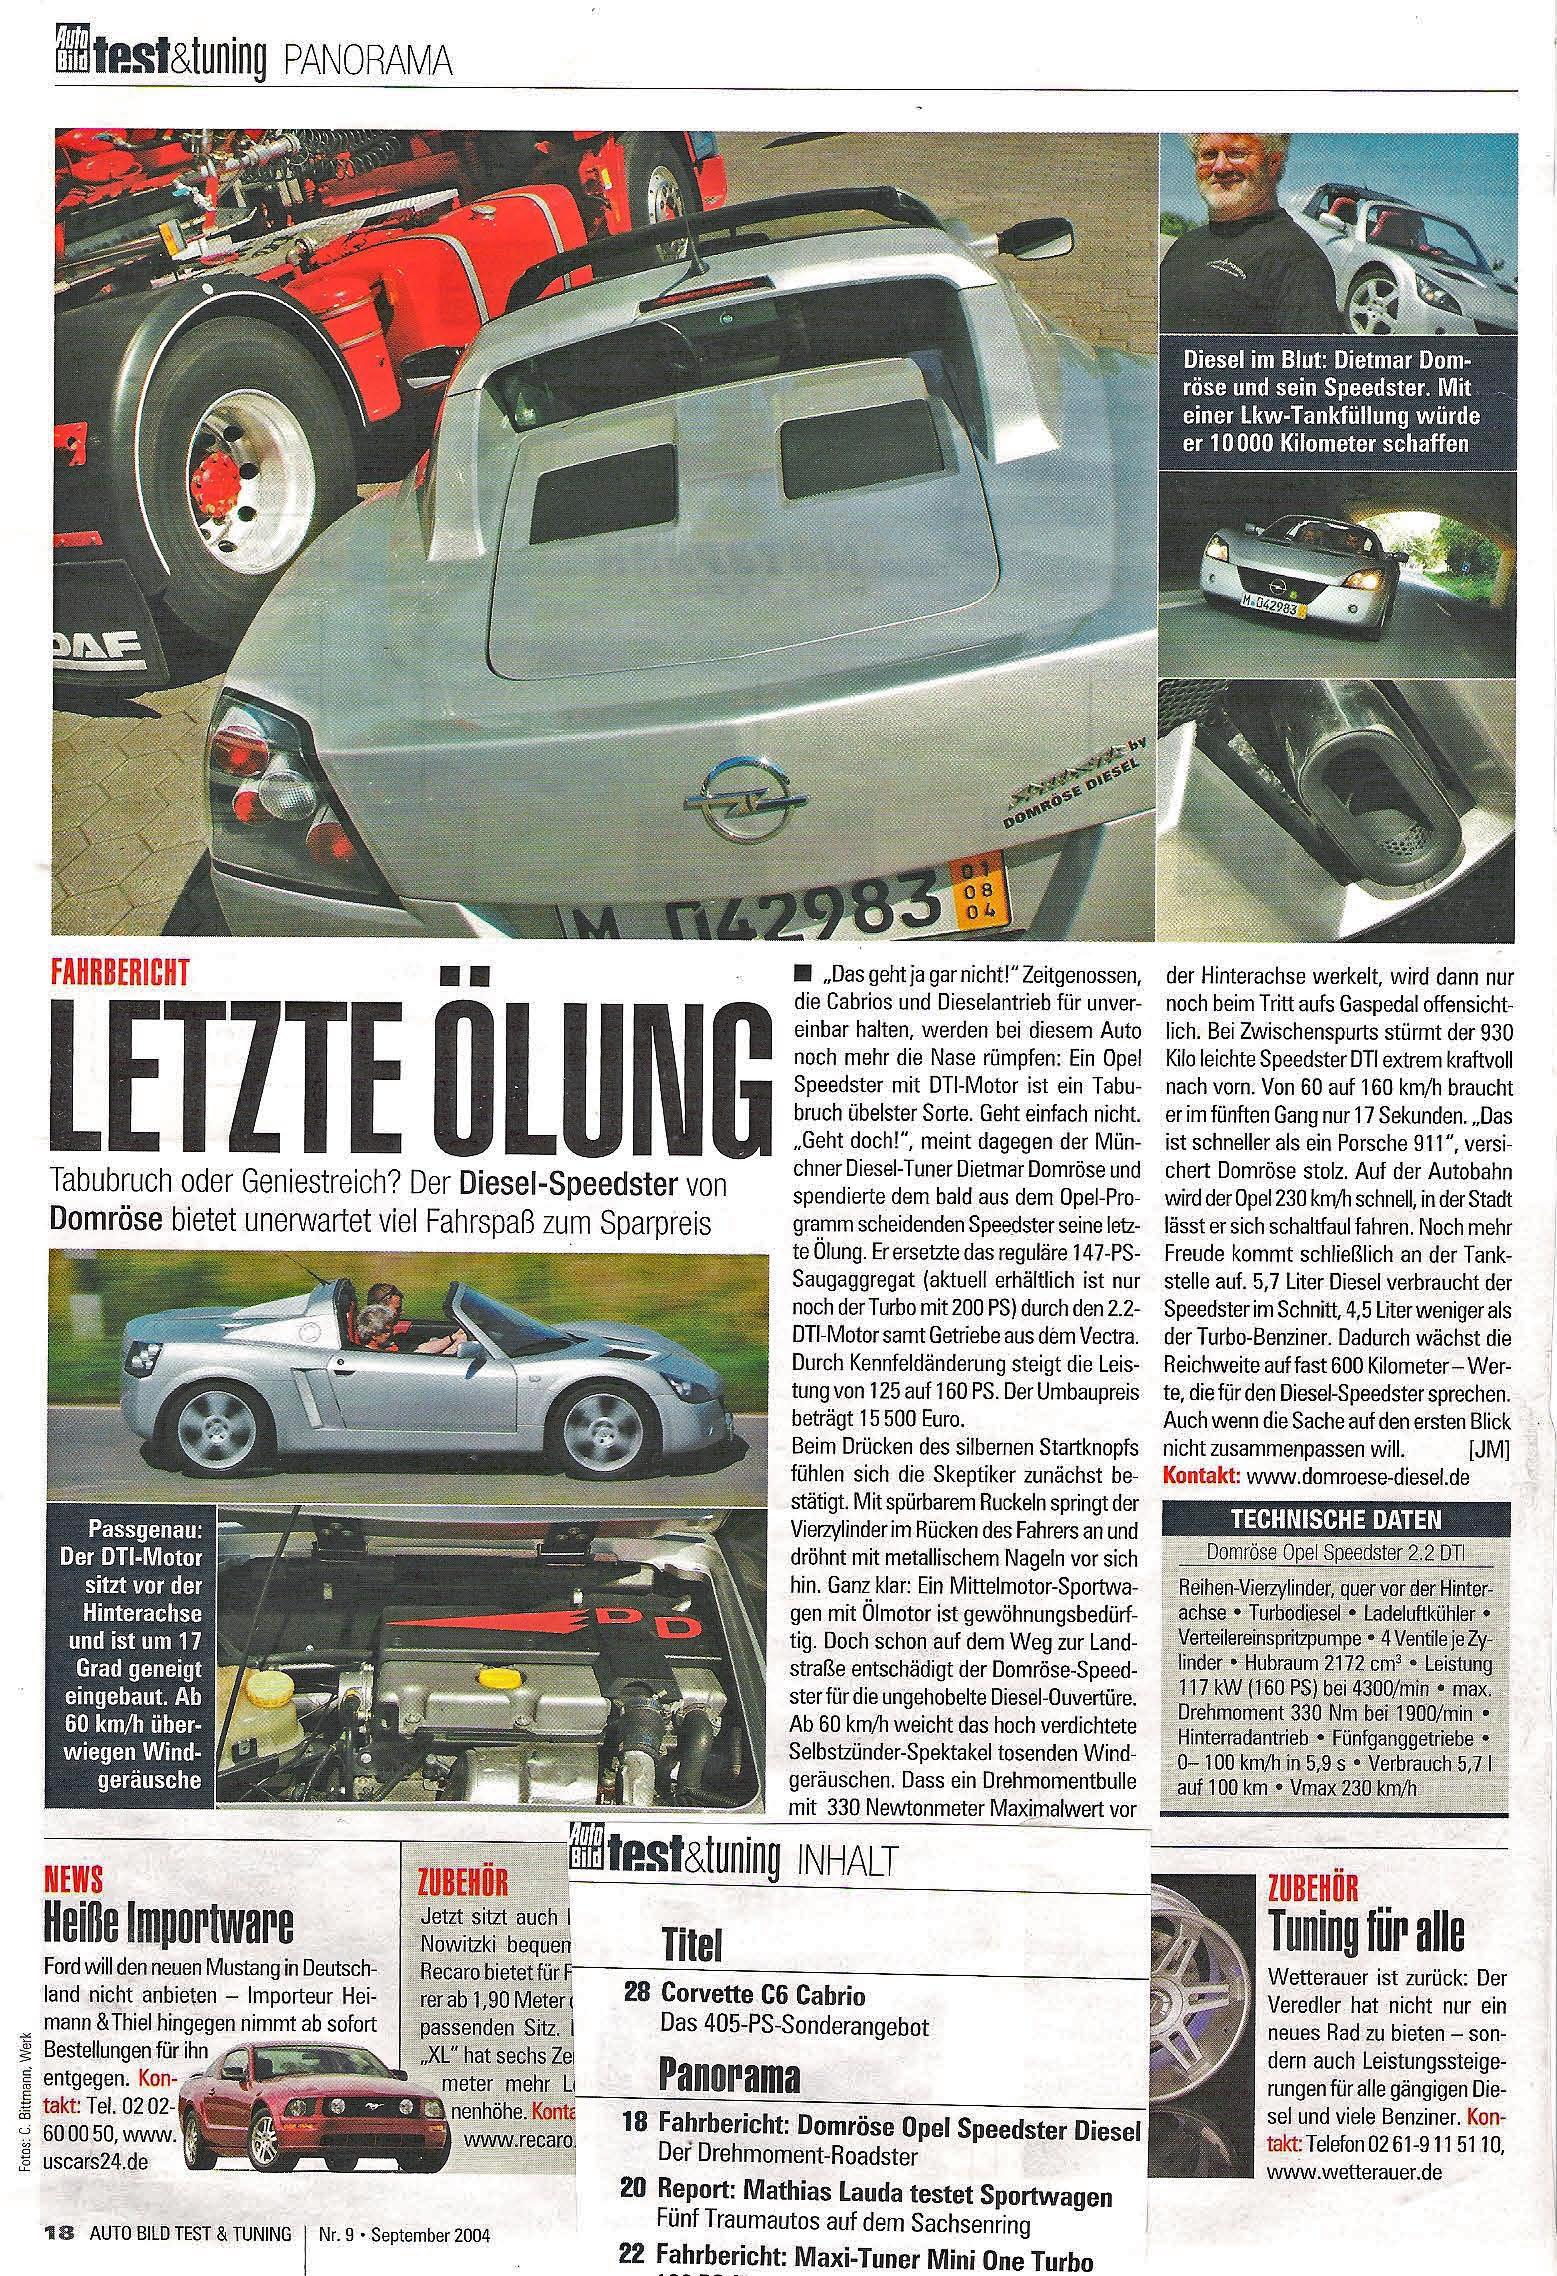 """Test & Tuning Oktober 2004 - Opel Speedster, """"Letzte Ölung"""" über Domröse Diesel"""